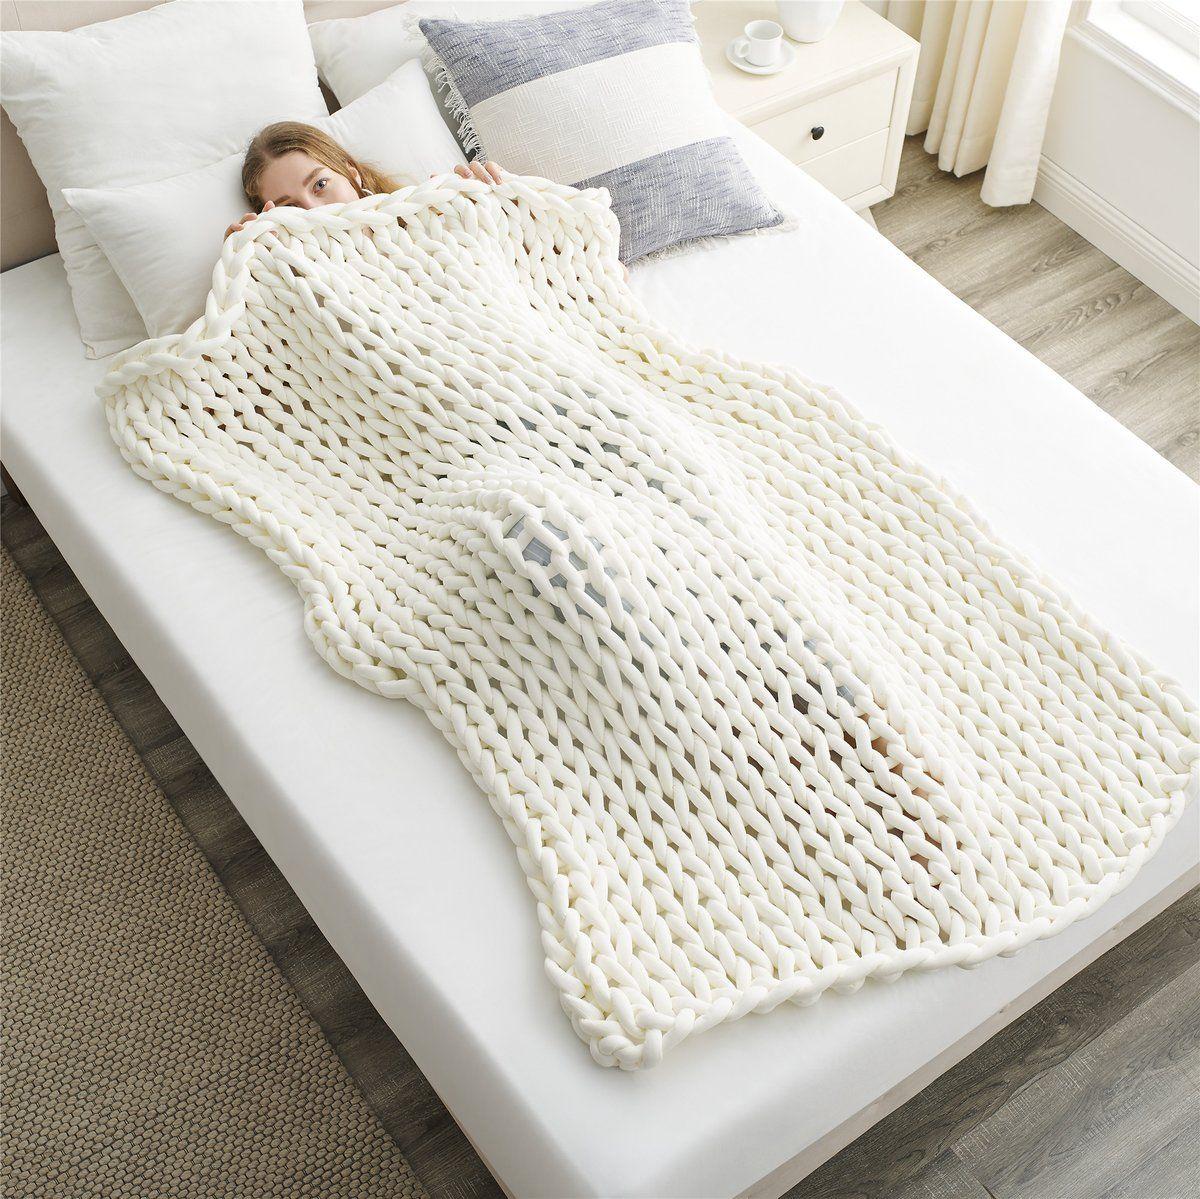 Blanquil Lite Designer Blanket Chrislovesjulia Blanket Designs Unique Blankets Oversized Blanket